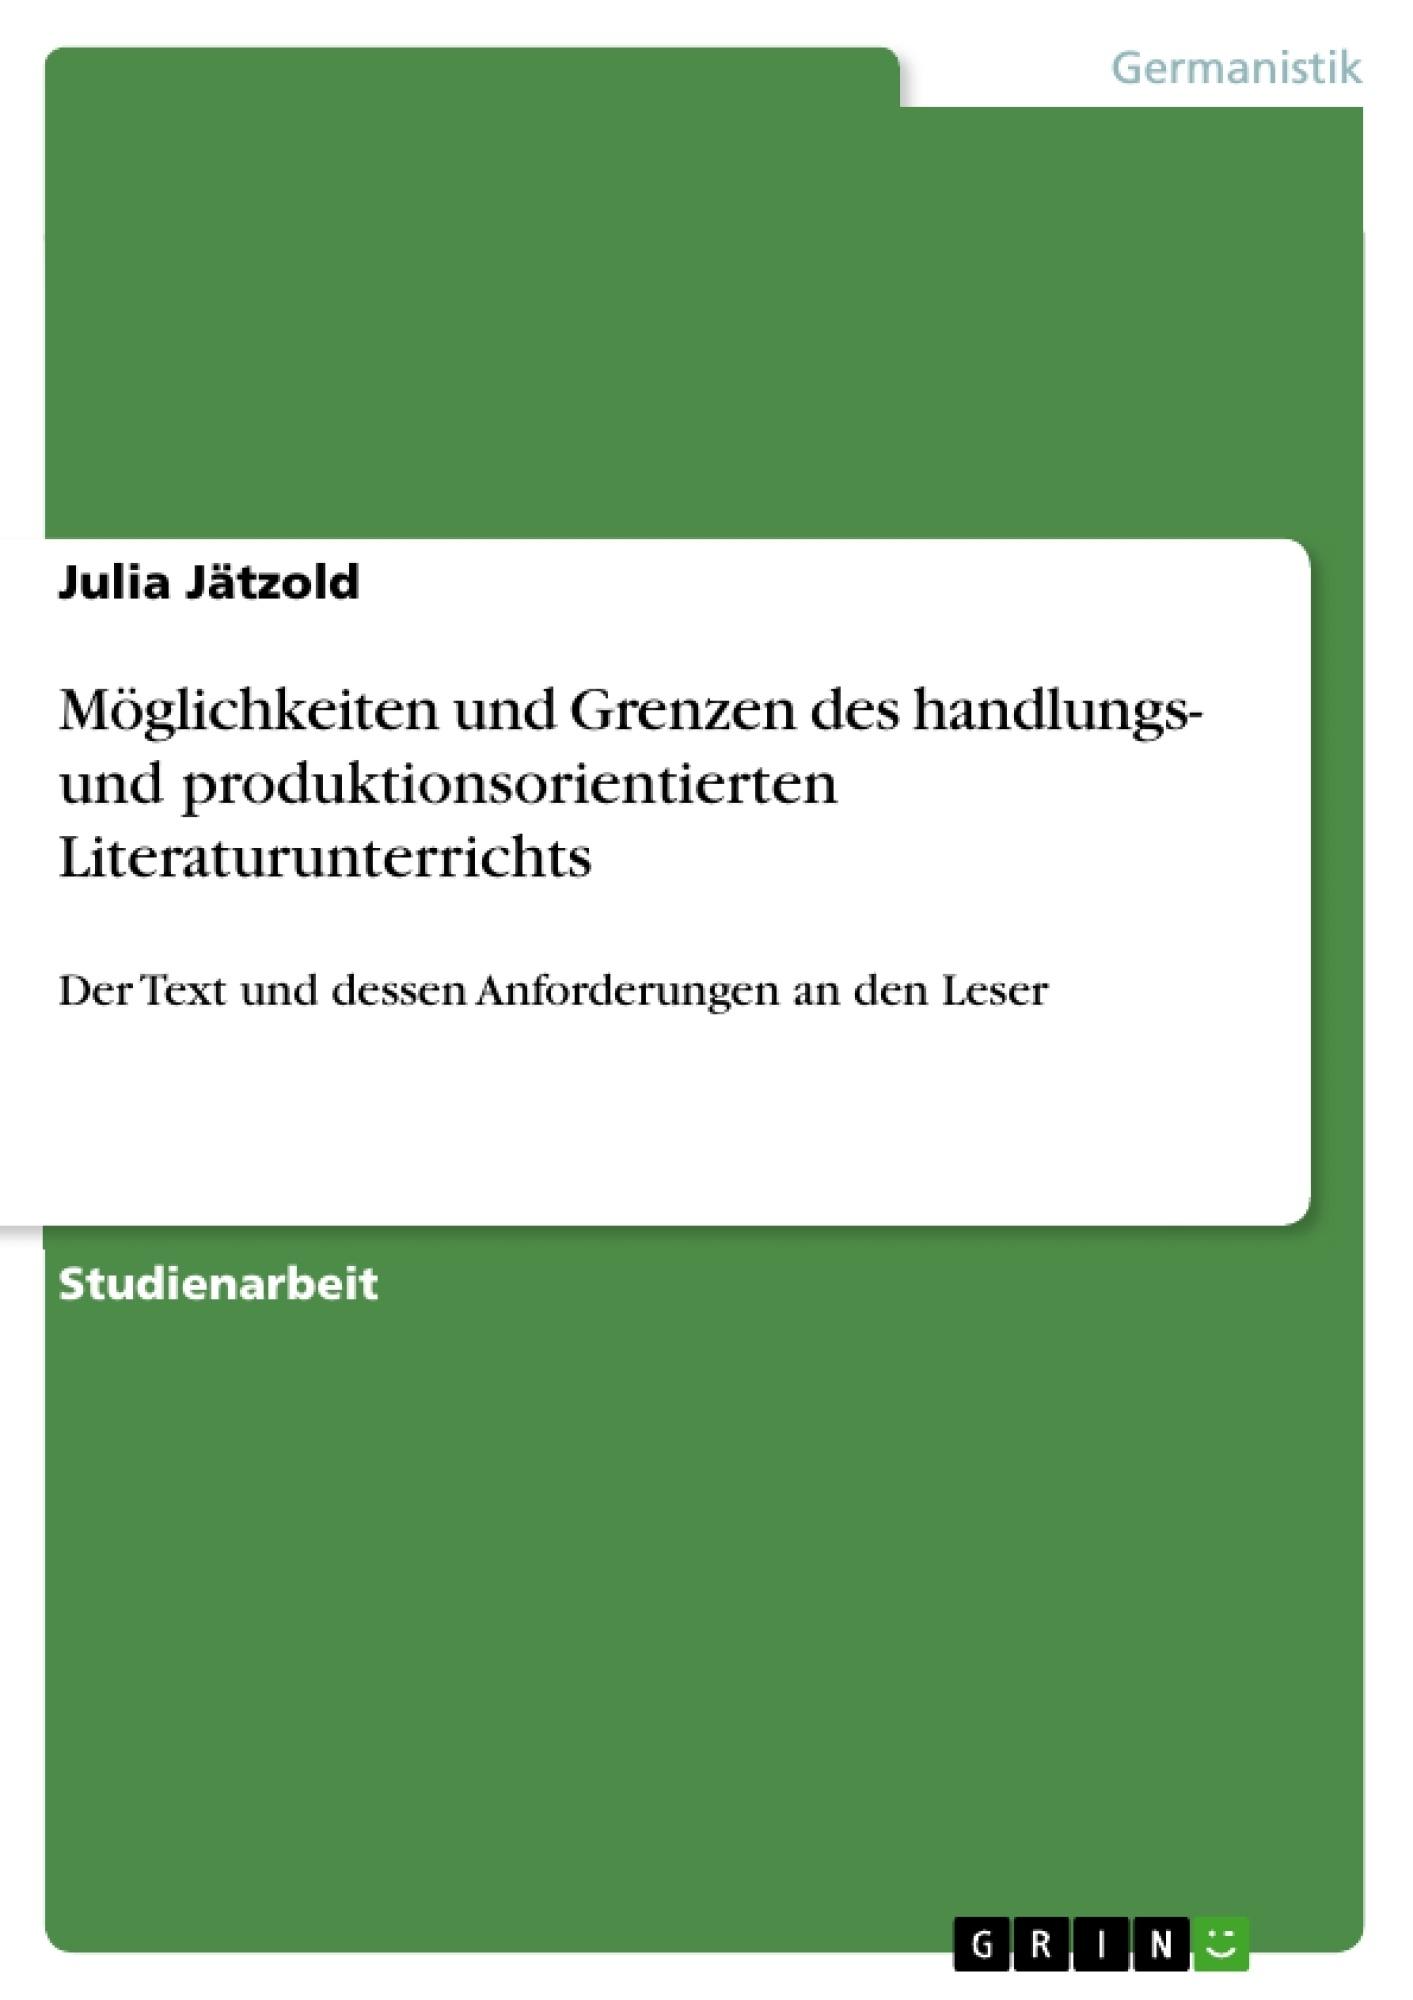 Titel: Möglichkeiten und Grenzen des handlungs- und produktionsorientierten Literaturunterrichts